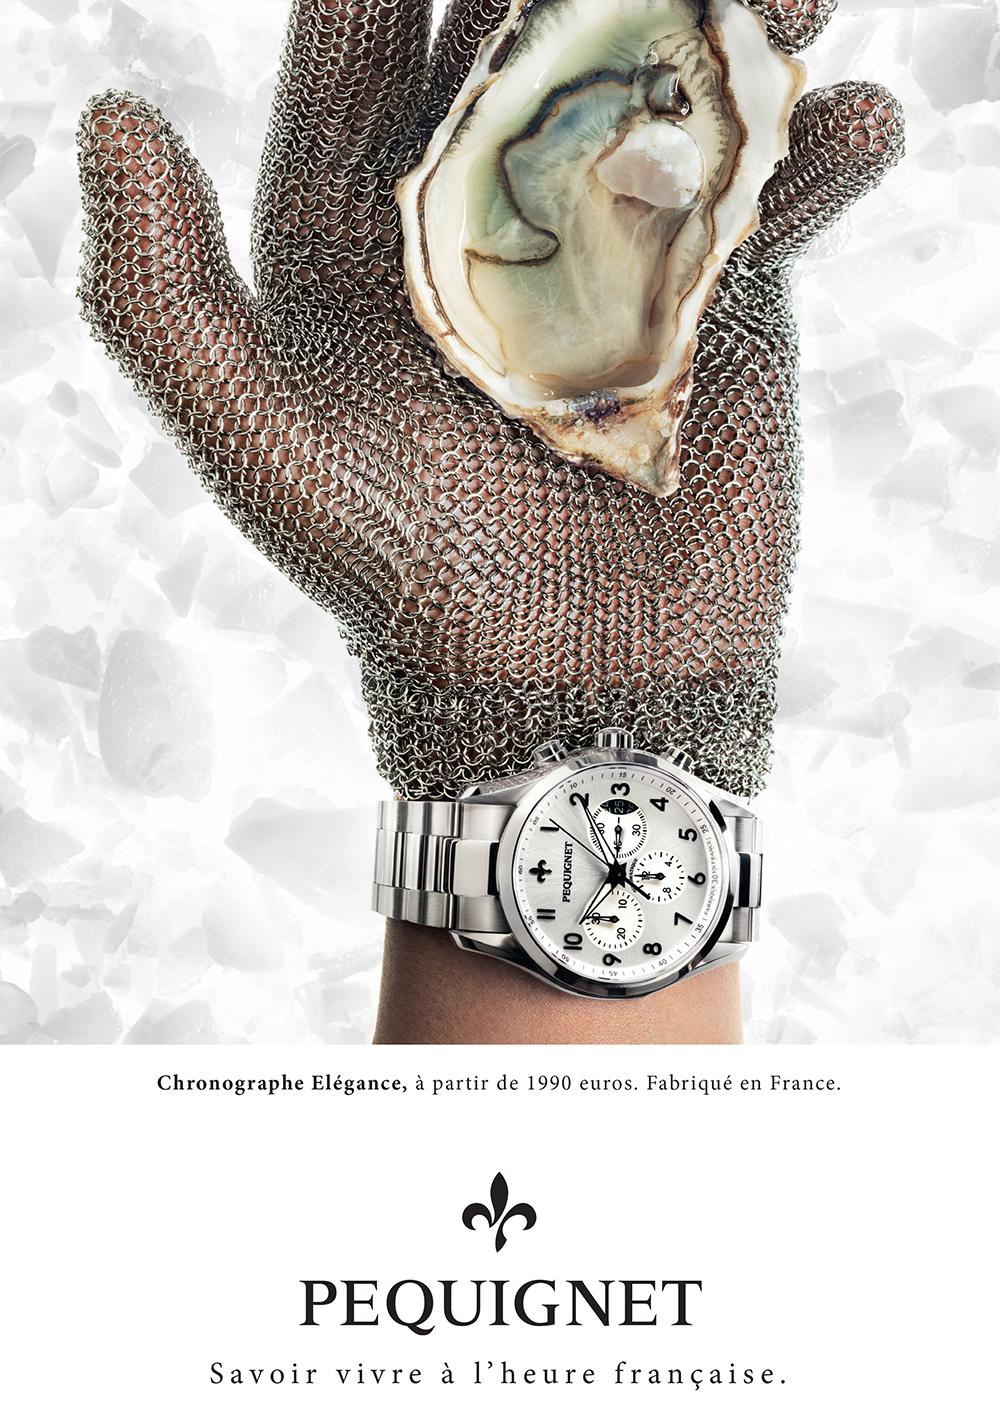 pequignet-montres-publicite-marketing-luxe-savoir-vivre-poignet-agence-buy-ideas-2015-1